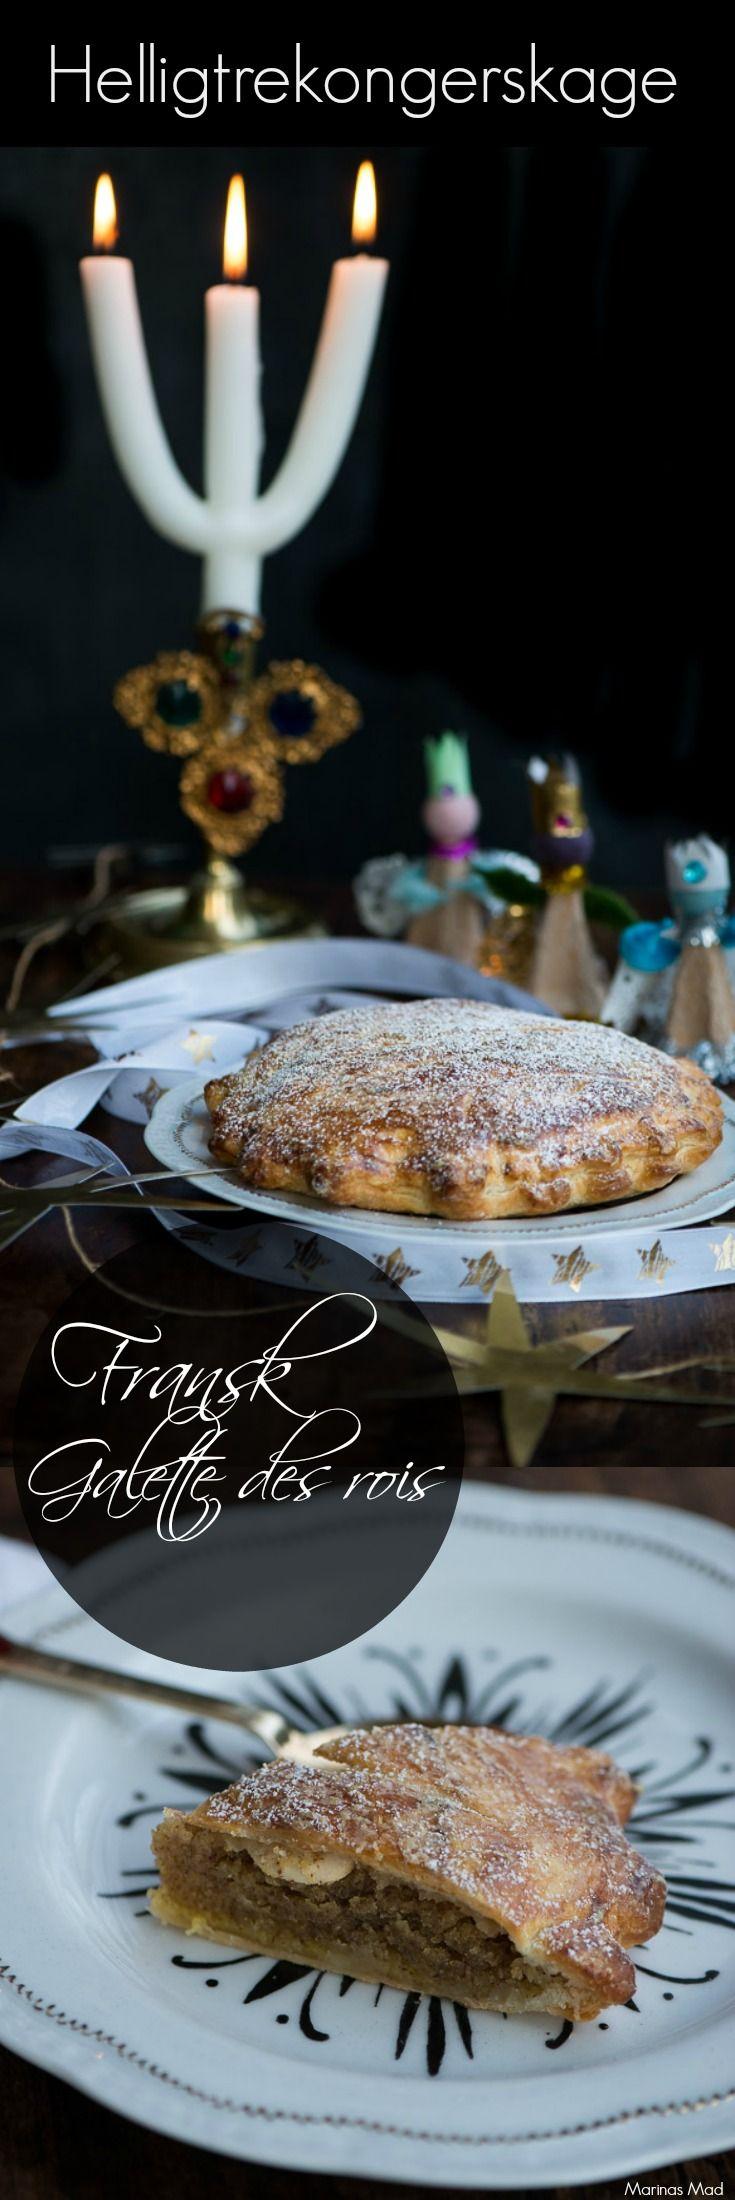 Den franske tradition med at spise helligtrekongerskage stammer helt tilbage til 1500 tallet. I kagen er der indbagt en bønne, mandel eller lille figur og den der er heldig at få netop det stykke kage bliver konge for en aften. Få opskriften på helligtrekongerskagen og læs mere om traditionen på Marinas Mad.